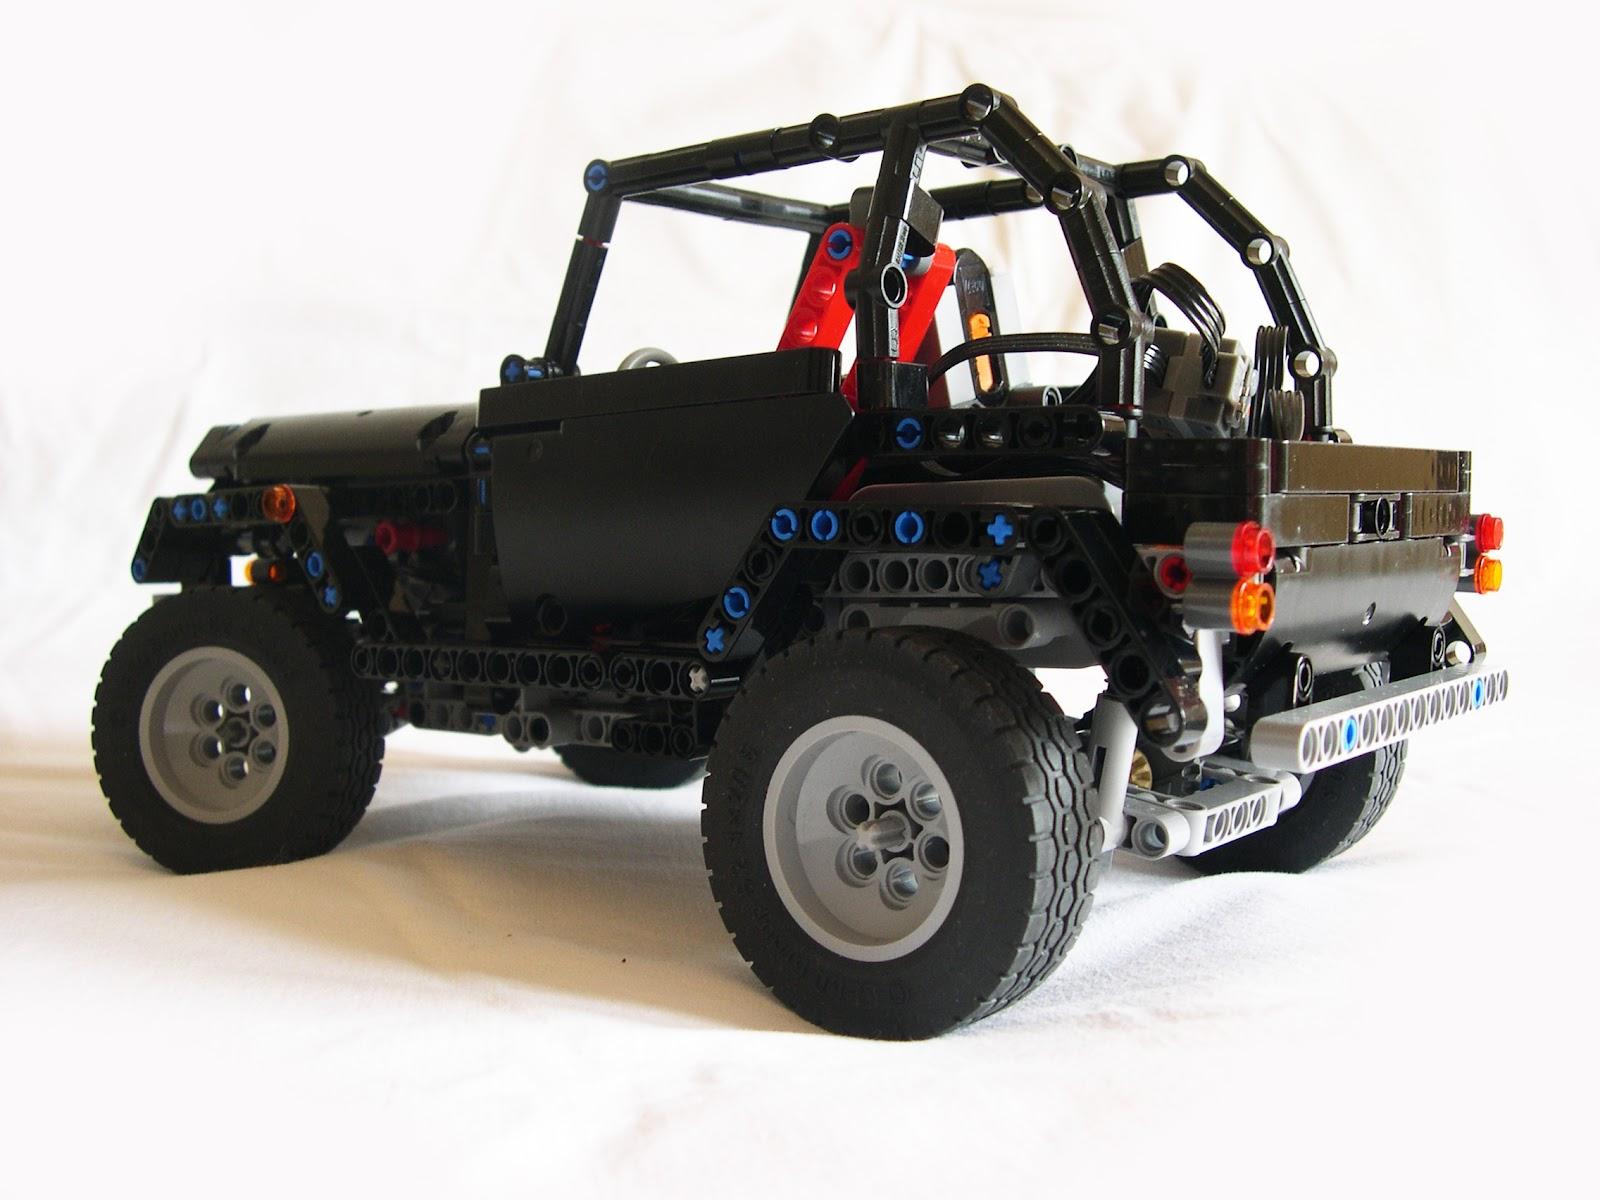 bugatti chiron rc car html with Lego Jeep Wrangler Instructions on Lamborghini Veneno Bugatti Veyron as well Bugatti Veyron also Toy Bugatti furthermore 32788318900 also Bugatti Chiron Is Official 1500.